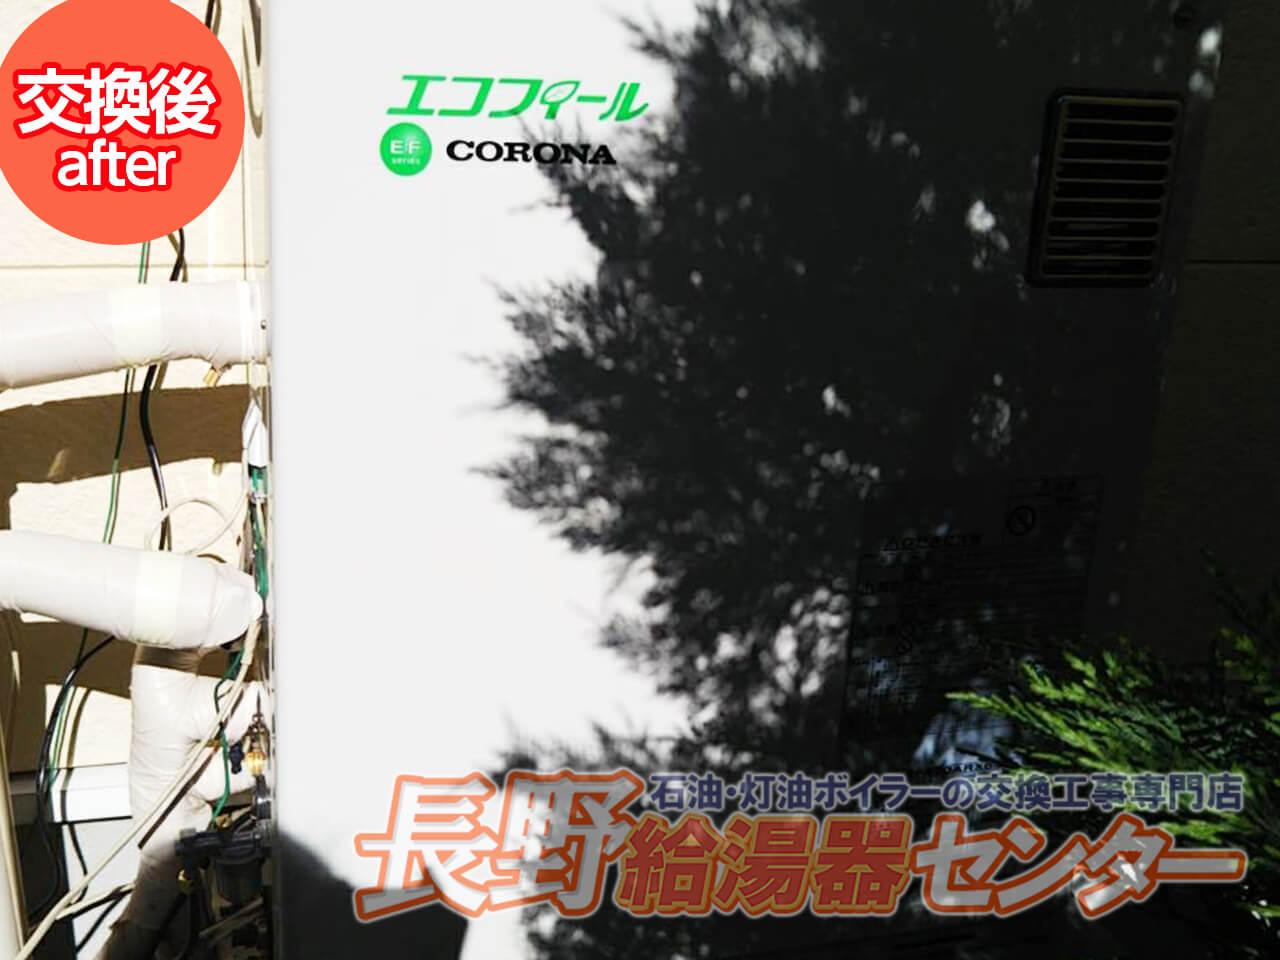 松本市 TOTOユプロからUKB-EF470ARX5-S(M)へ交換工事